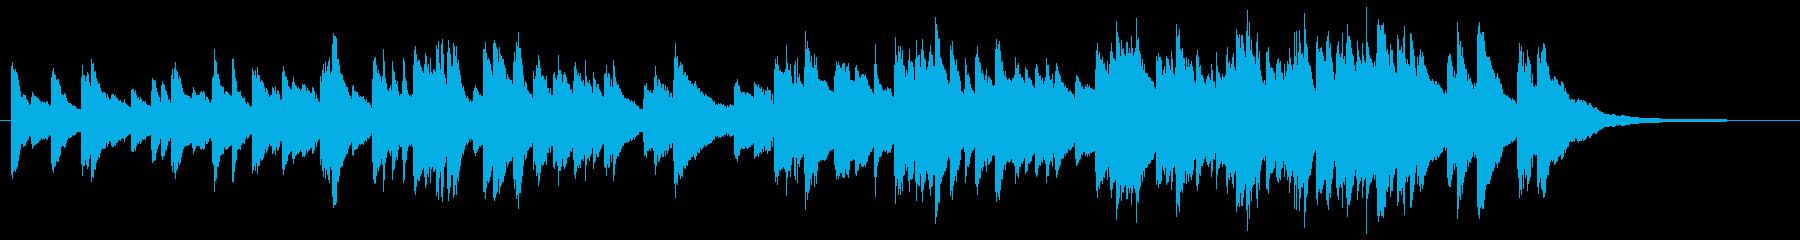 ゆったりとしたピアノソロバラードの再生済みの波形